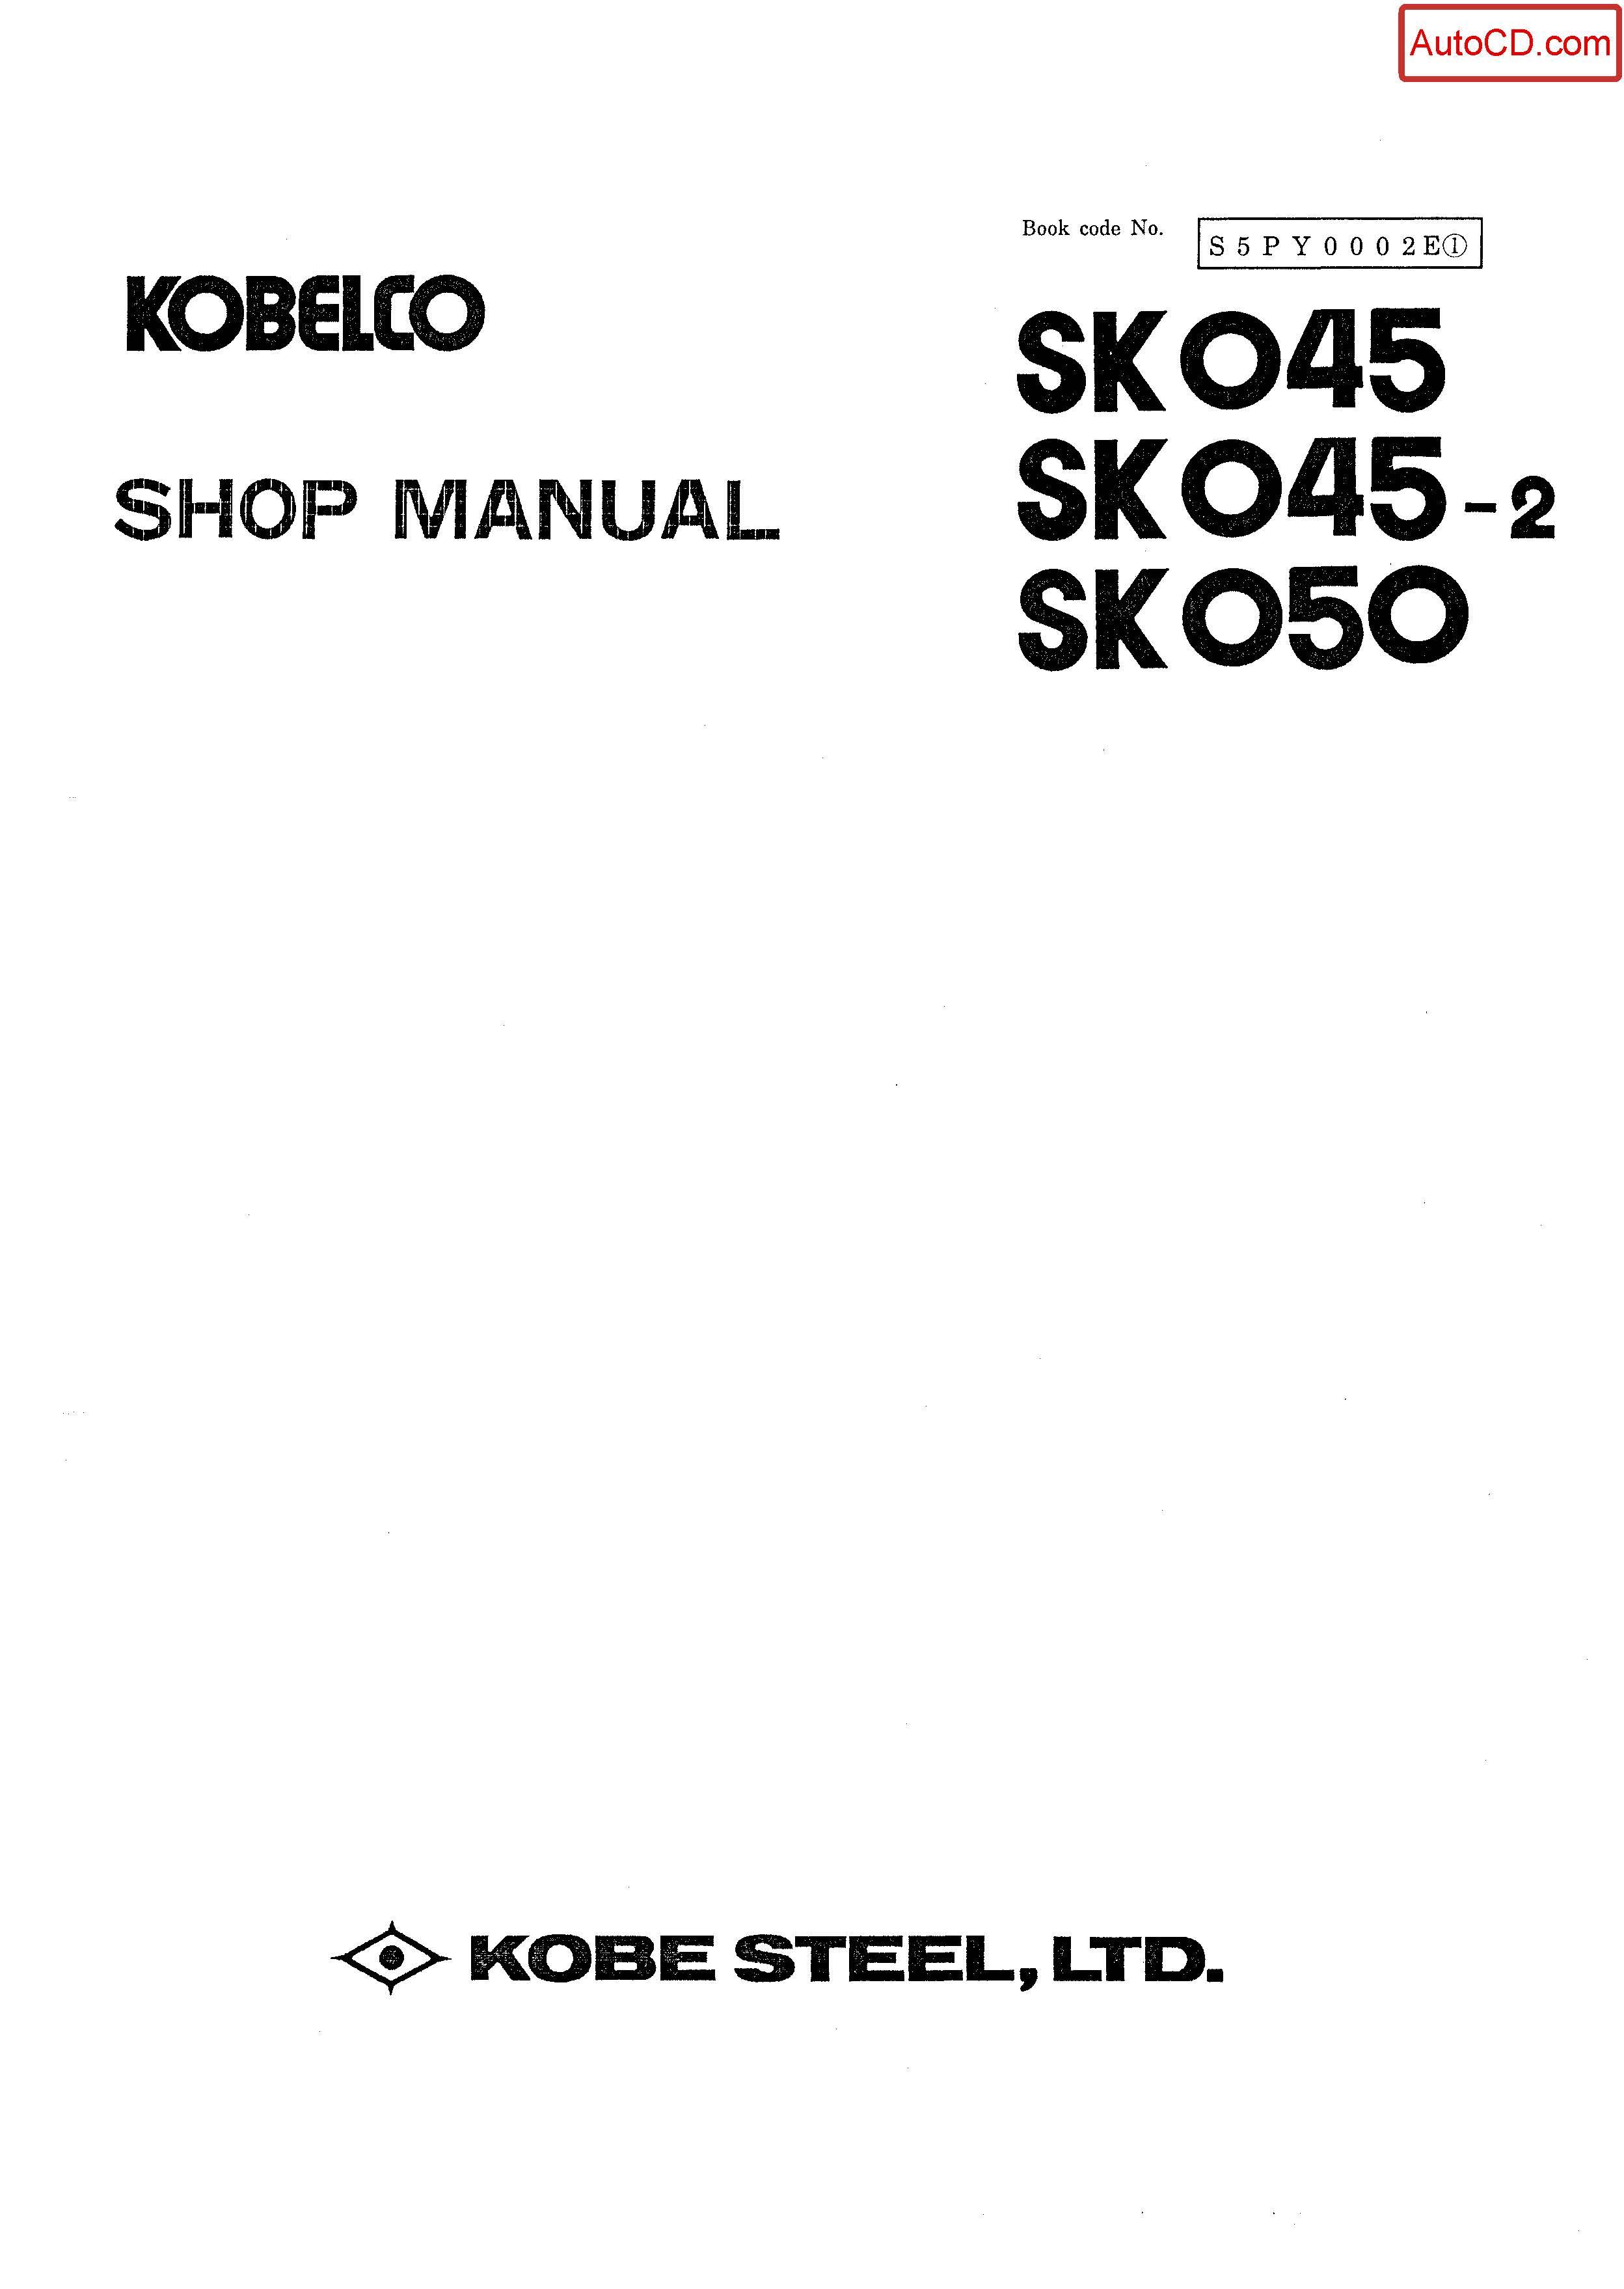 หนังสือ คู่มือซ่อม Kobelco Hydraulic Excavator SK45 , SK45-2 , Sk050 (ข้อมูลทั่วไป ค่าสเปคต่างๆ วงจรไฟฟ้า วงจรไฮดรอลิกส์)